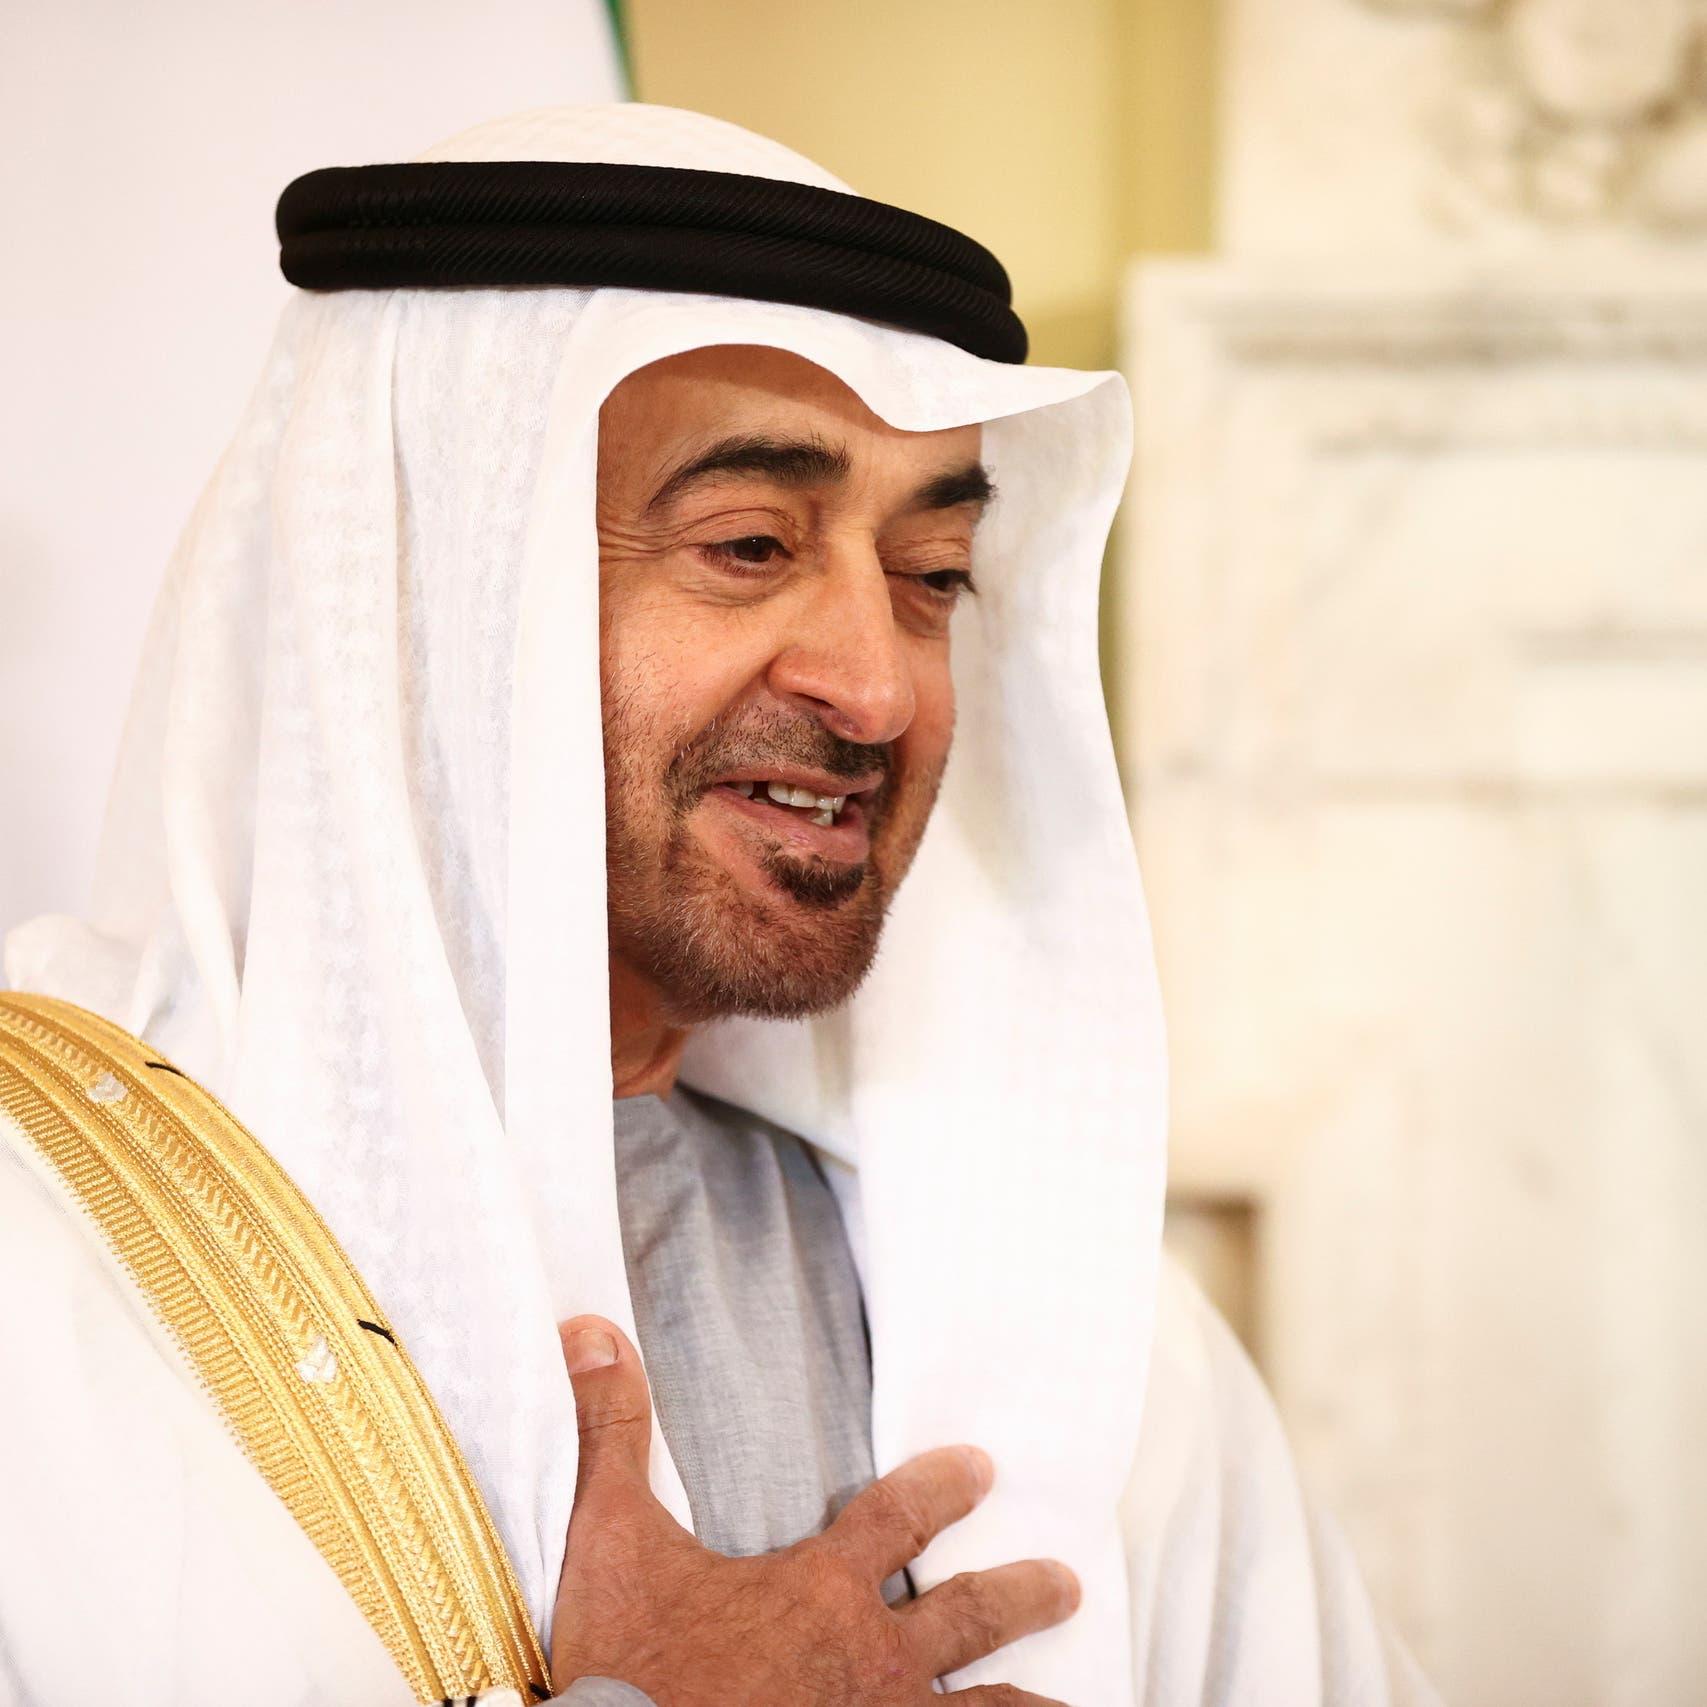 UAE overcame COVID-19 crisis, life returning to normal: Abu Dhabi crown prince